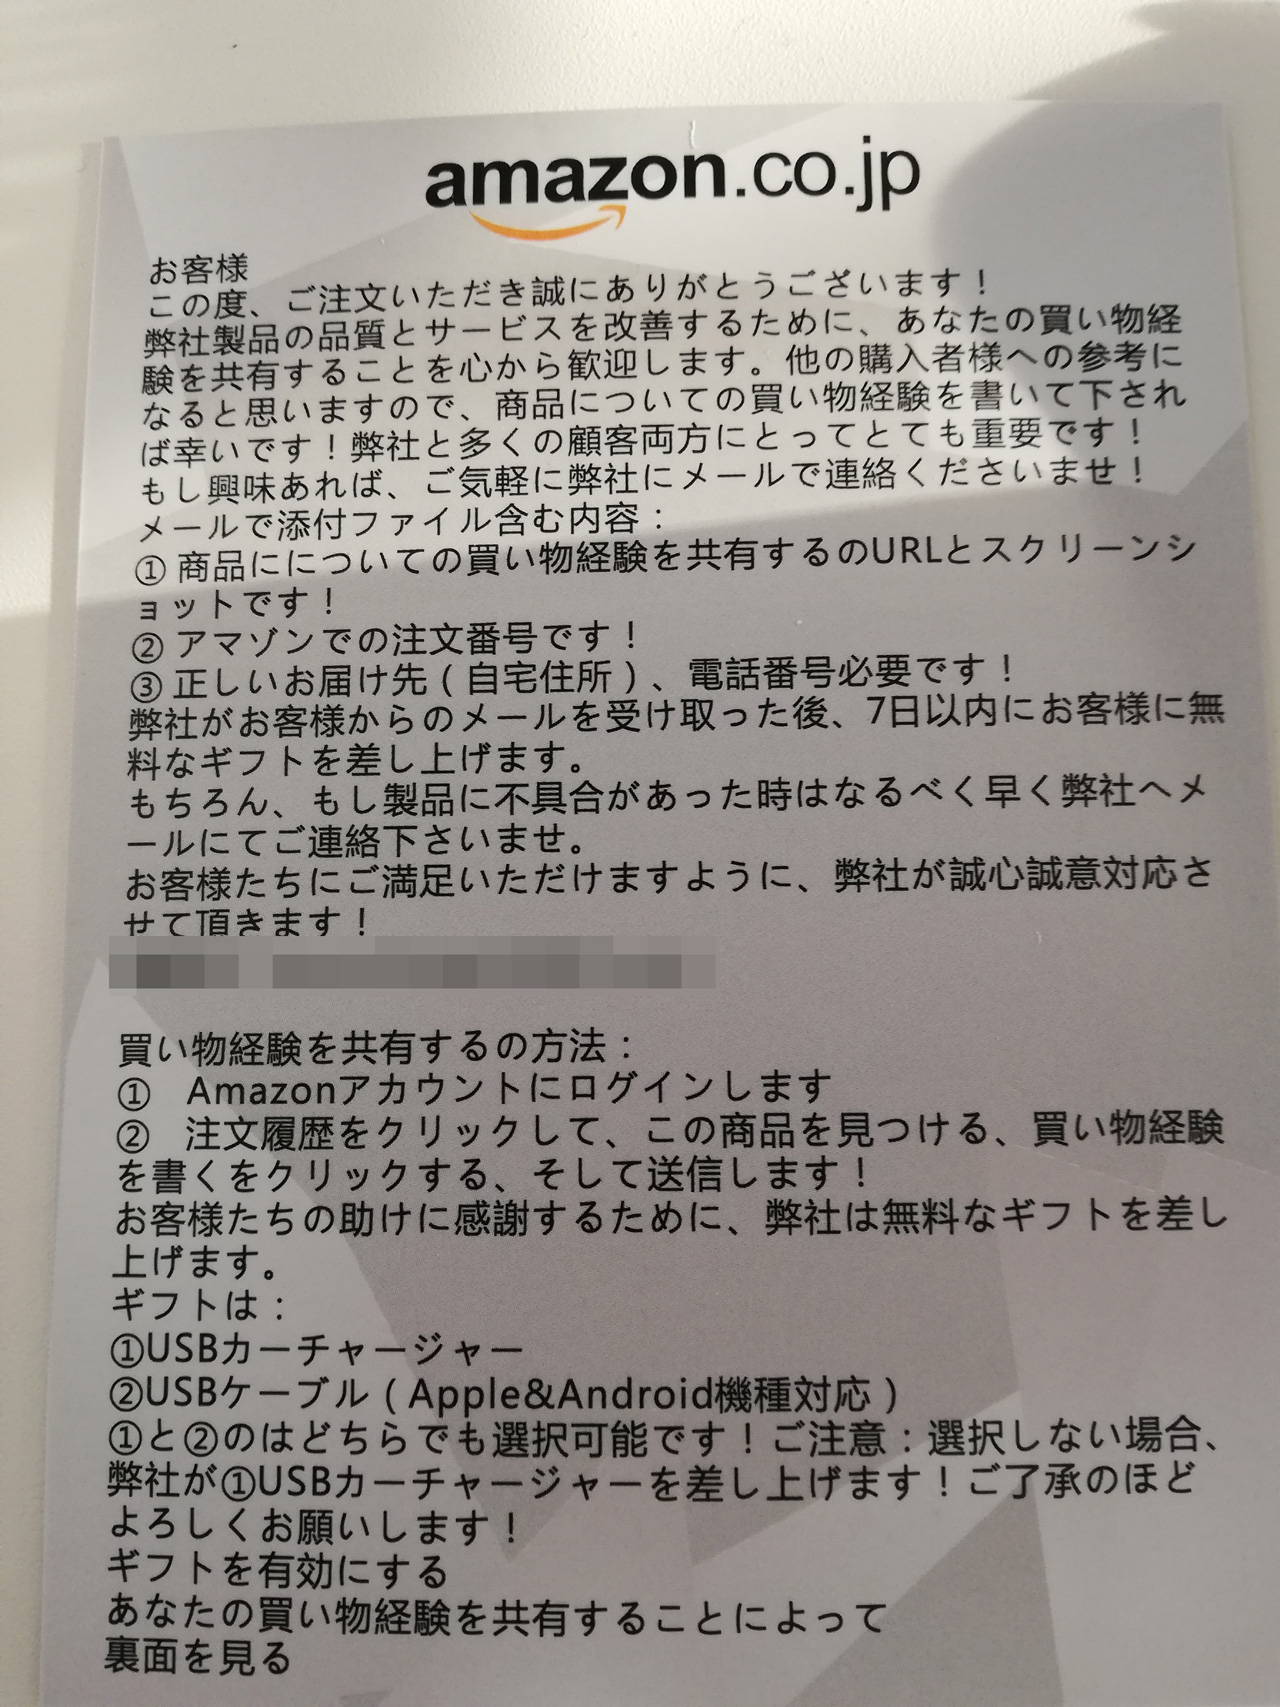 エキサイト翻訳をかけられた日本語